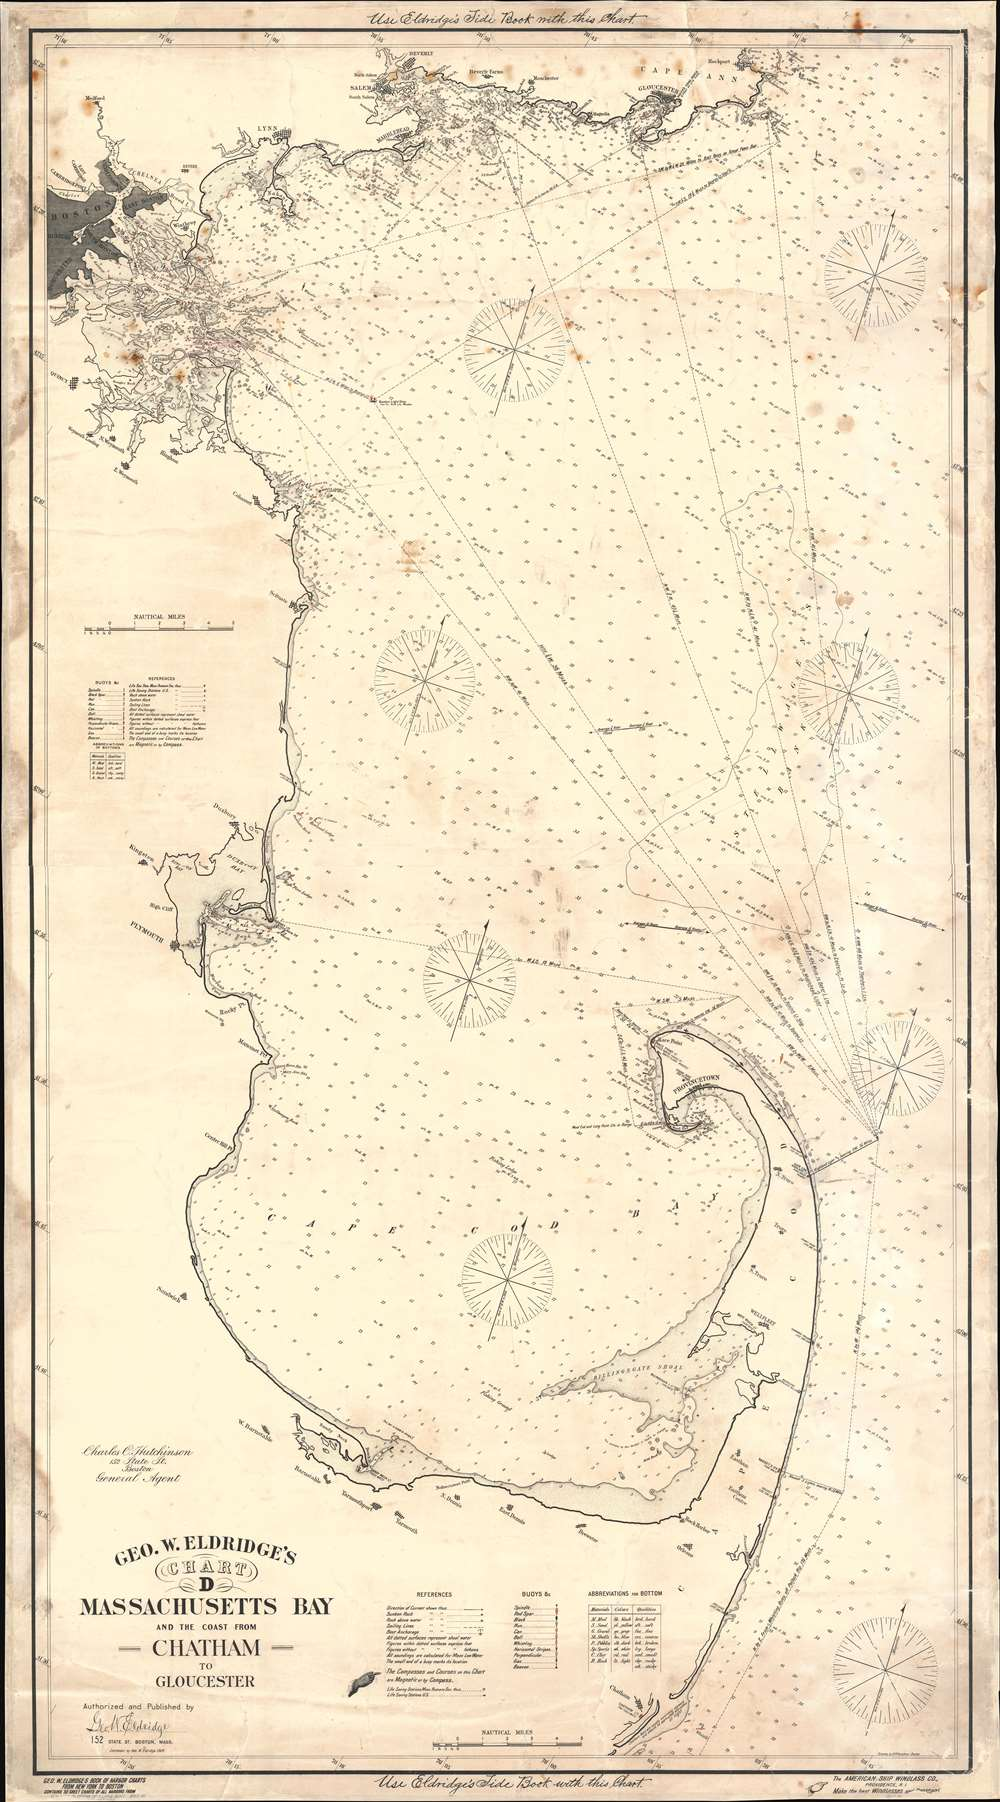 1904 Eldridge Nautical Chart / Map of Massachusetts Bay